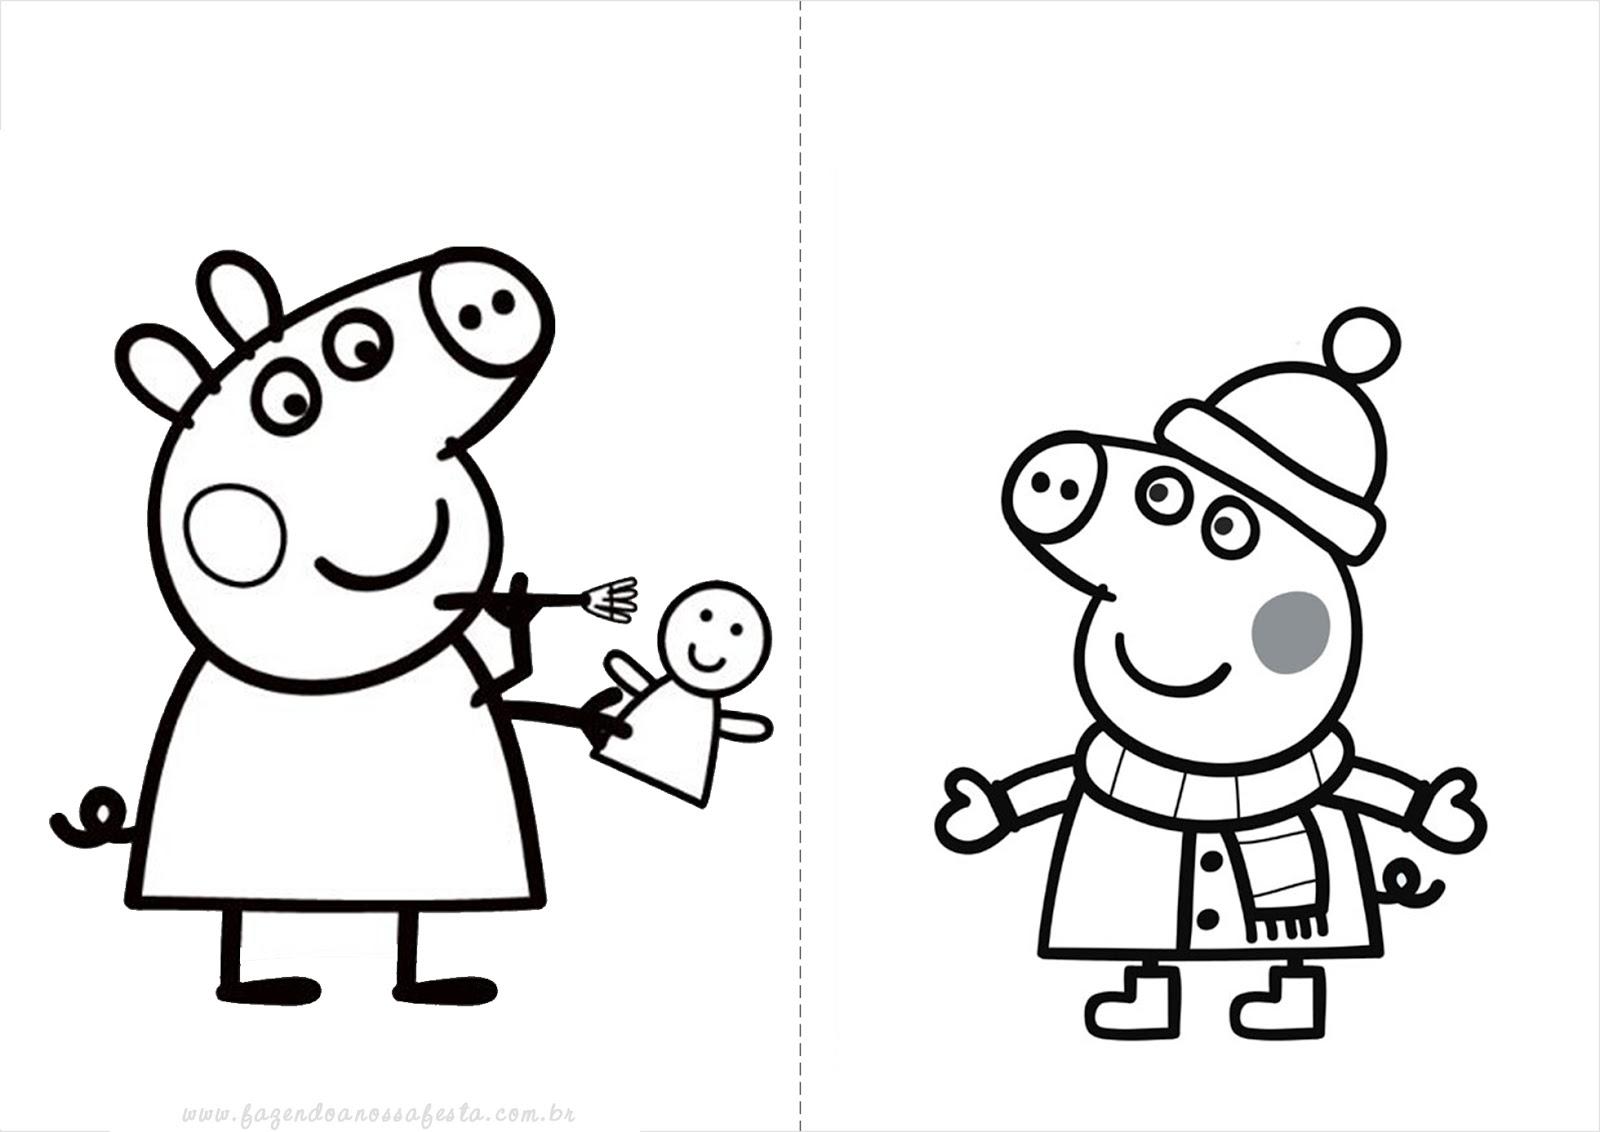 Dibujos De Peppa Para Colorear E Imprimir: Blog MegaDiverso: Peppa Pig Para Imprimir Y Colorear